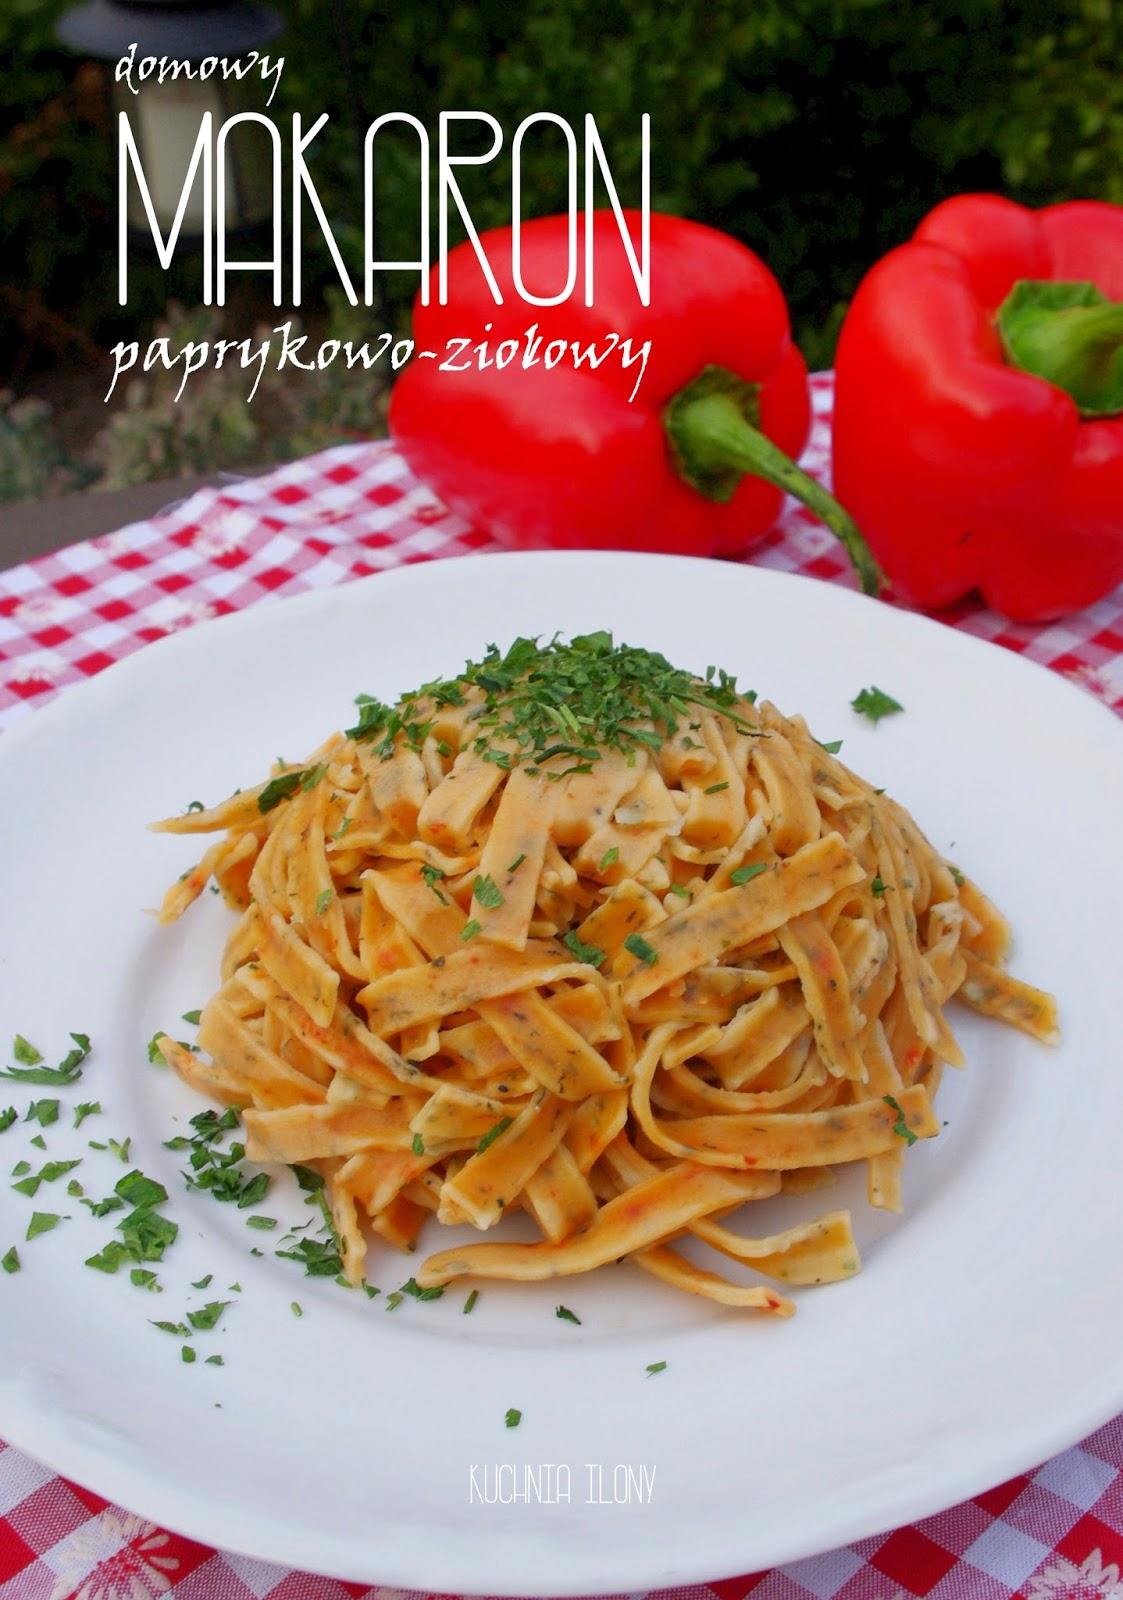 makaron domowy, makaron paprykowo ziołowy, kuchnia ilony, recipes, pasta, kuchnia włoska